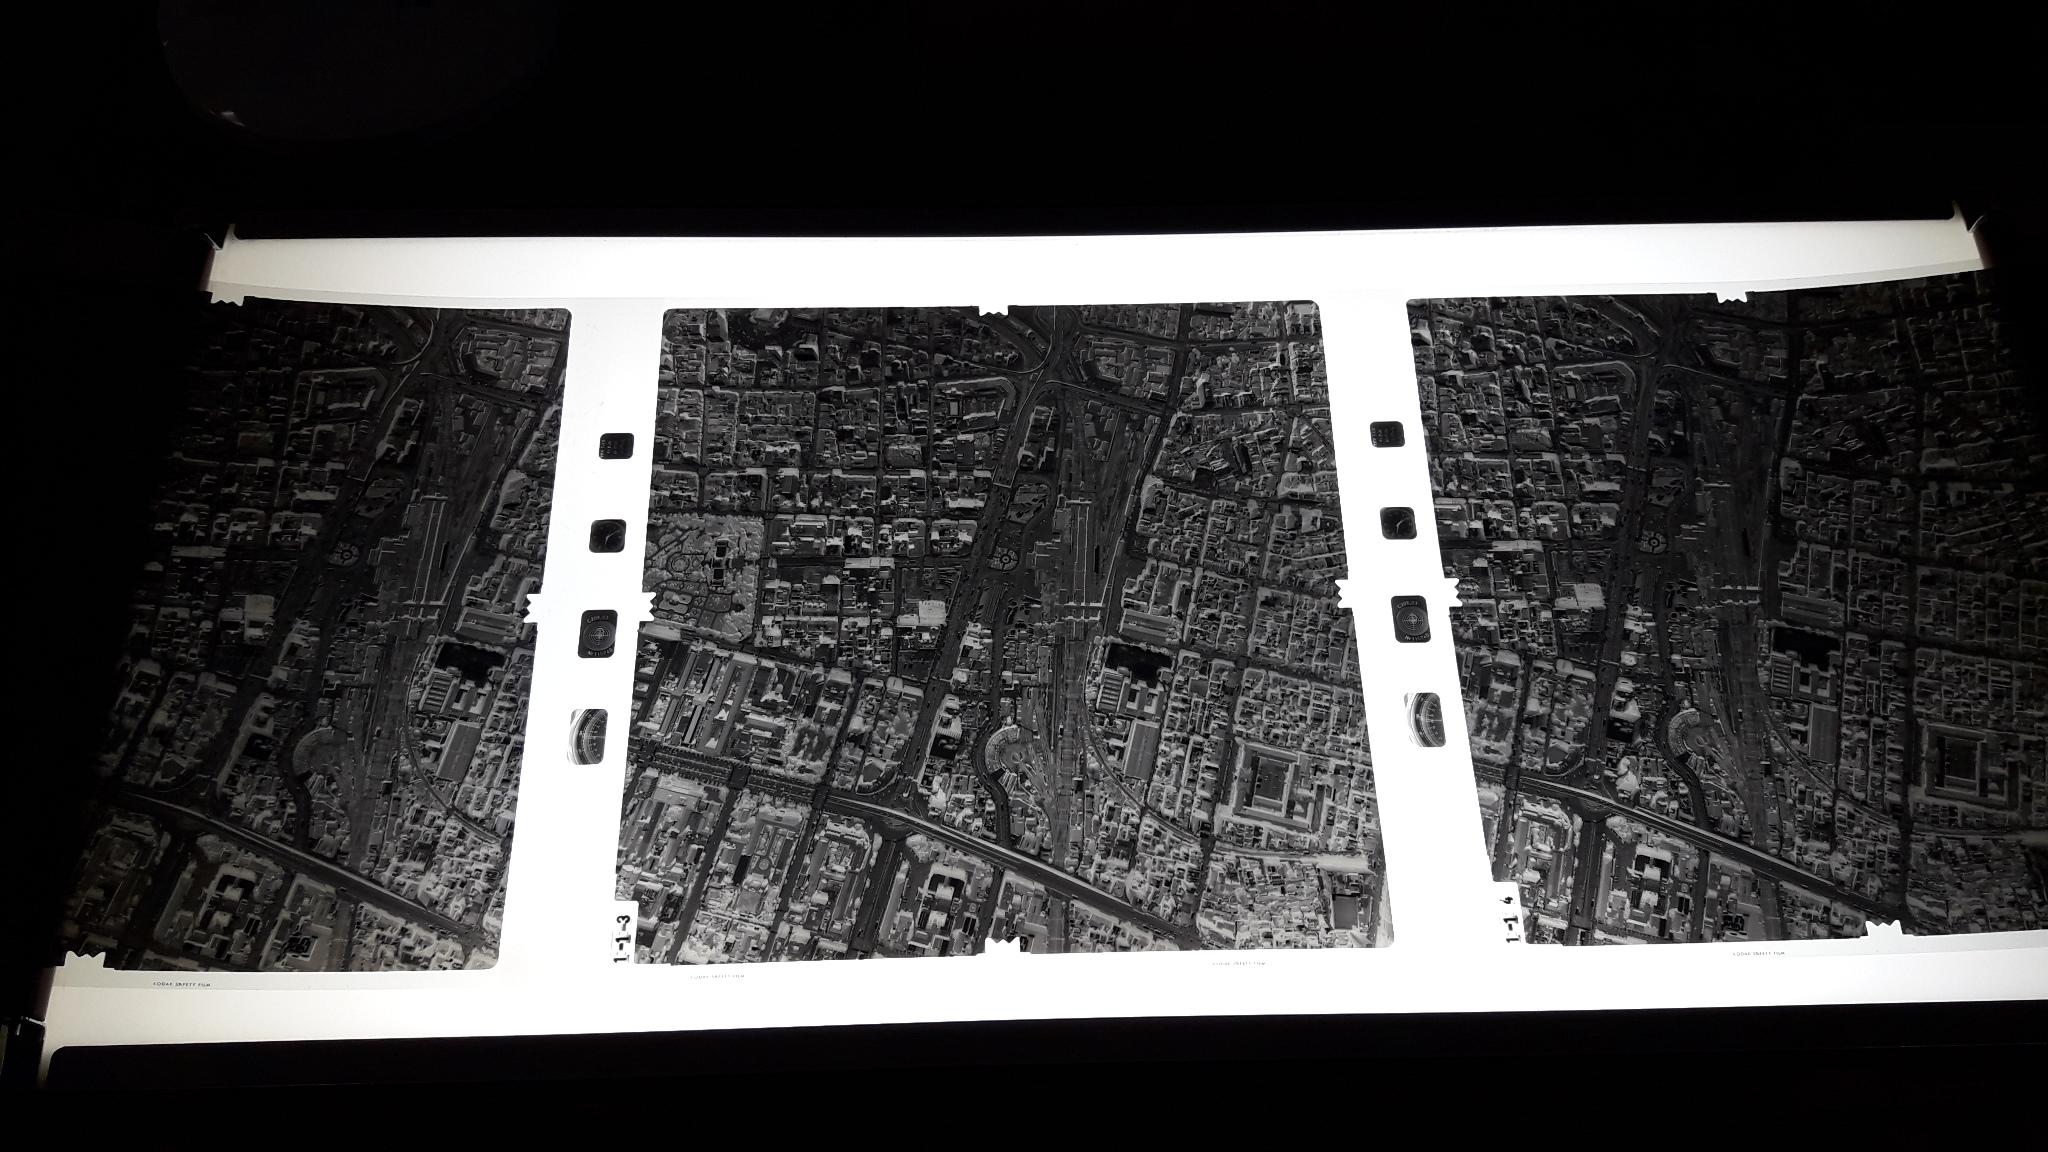 農林航空測量所於記者會現場展示的燈光桌,上面的照片為黑白顛倒。(台灣英文新聞拍攝)